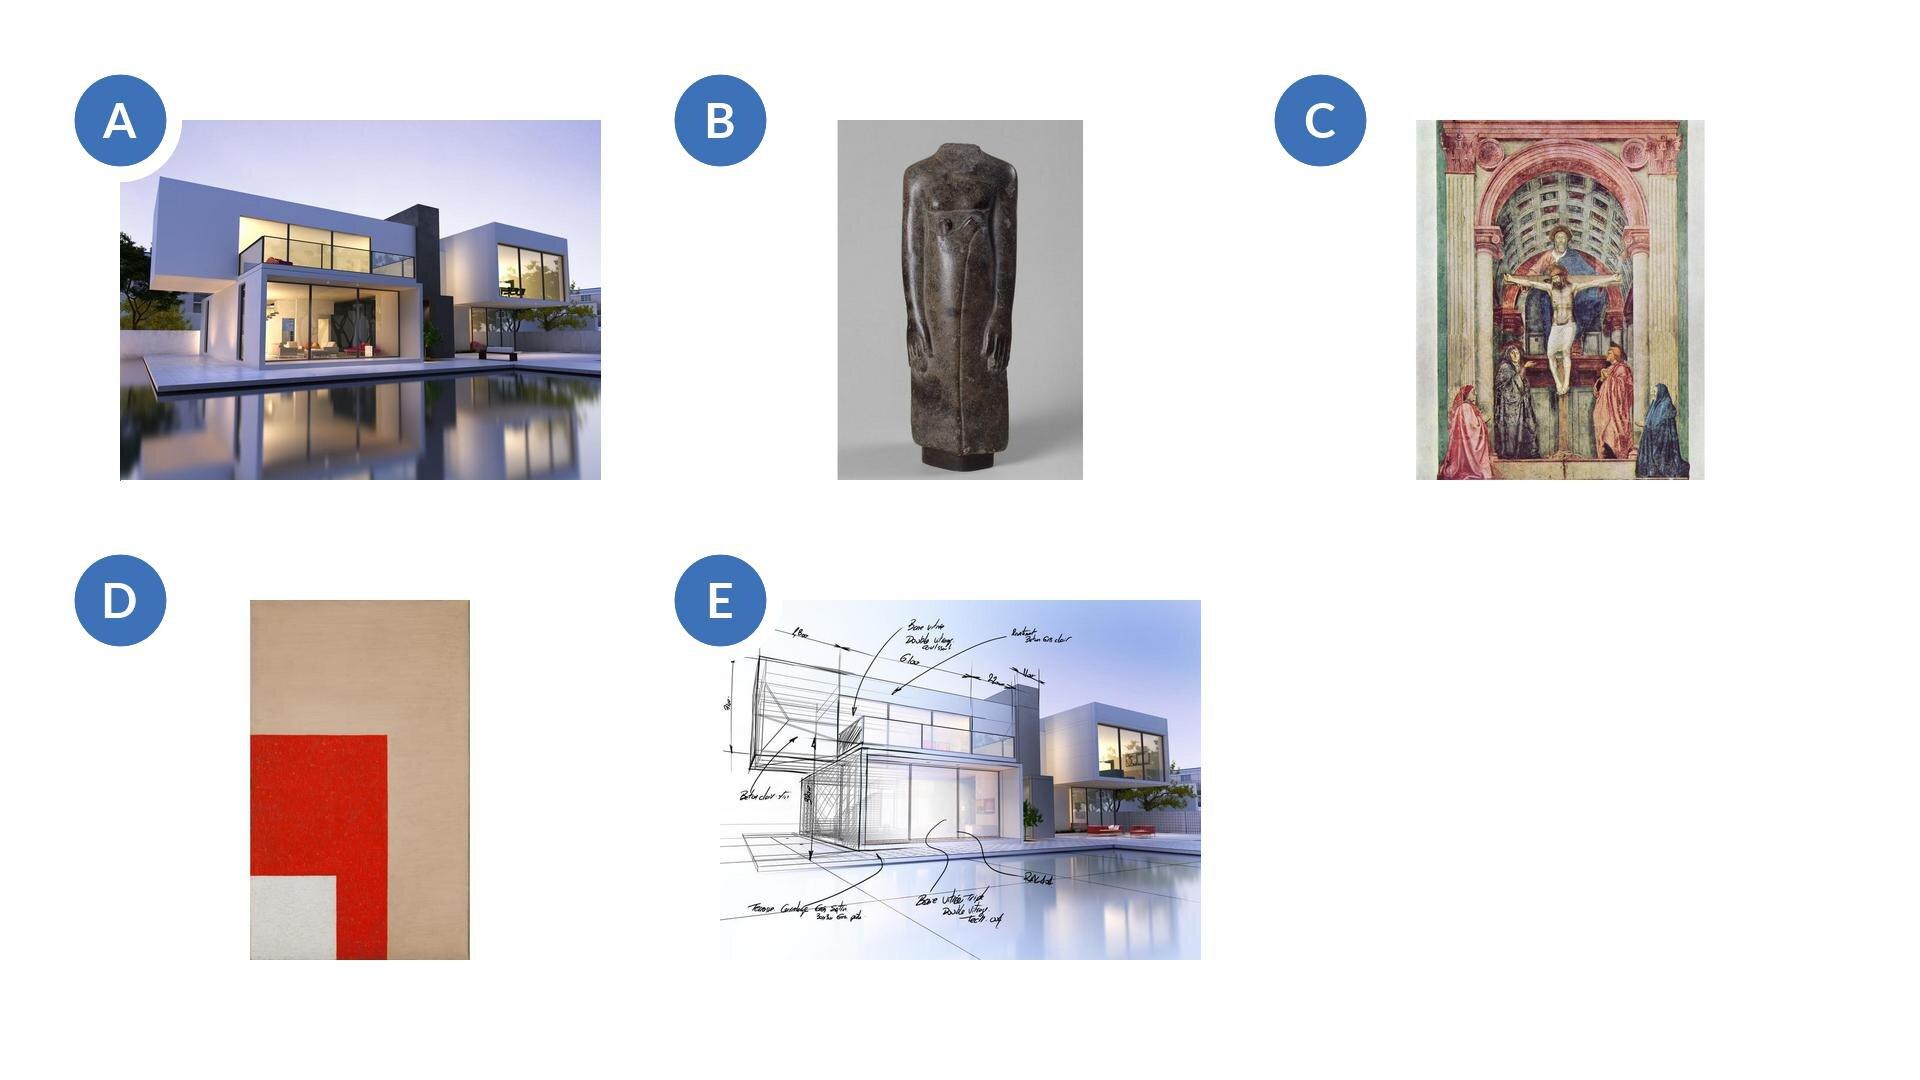 """Pierwsza ilustracja przedstawia trójwymiarową wizję komputerową projektowanego budynku. Na zdjęciu widzimy dom wraz ztarasem. Widoczne są duże oszklone ściany budynku. Jest on wkolorze białym. Przez oszklone ściany widoczne jest urządzone wnętrze domu. Dom ma dwa piętra, ana piętrze znajduje się taras. Druga ilustracja to rzeźba """"Fragment figurki mężczyzny - kapłana"""". Widoczna jest stojąca sylwetka postaci bez głowy. Rzeźba wykonana jest prawdopodobnie zdiorytu. Ręce są ułożone wzdłuż tułowia. Trzecia ilustracja to obraz Masaccio """"Święta Trójca"""". Wcentralnym punkcie znajduje się ukrzyżowany Chrystus. Nad nim góruje postać Boga Ojca, apomiędzy nimi wpostaci gołębicy, Duch Święty. Po obu bokach krzyża stoi Maria iśw. Jan. Scena jest oddzielona wysokim progiem irzymskim łukiem triumfalnym. Głębie pomieszczenia akcentują dwie dodatkowe postacie klęczące przed bocznymi kolumnami. Czwarta to obraz Władysława Strzemińskiego pt. """"Kompozycja architektoniczna 9c"""". Na obrazie wtle widzimy jasnobrązowy prostokąt. Wlewym dolnym rogu widzimy fragment czerwonego prostokąta. Natomiast na czerwonym prostokącie widzimy biały kwadrat. Piąta ilustracja to rysunek architekta. Widzimy na nim wizualizację domu wraz ztarasem. Część ilustracji jest wformie rysunkowej, natomiast część wformie komputerowej. Na części rysunkowej zaznaczone zostały również wymiary elementów."""